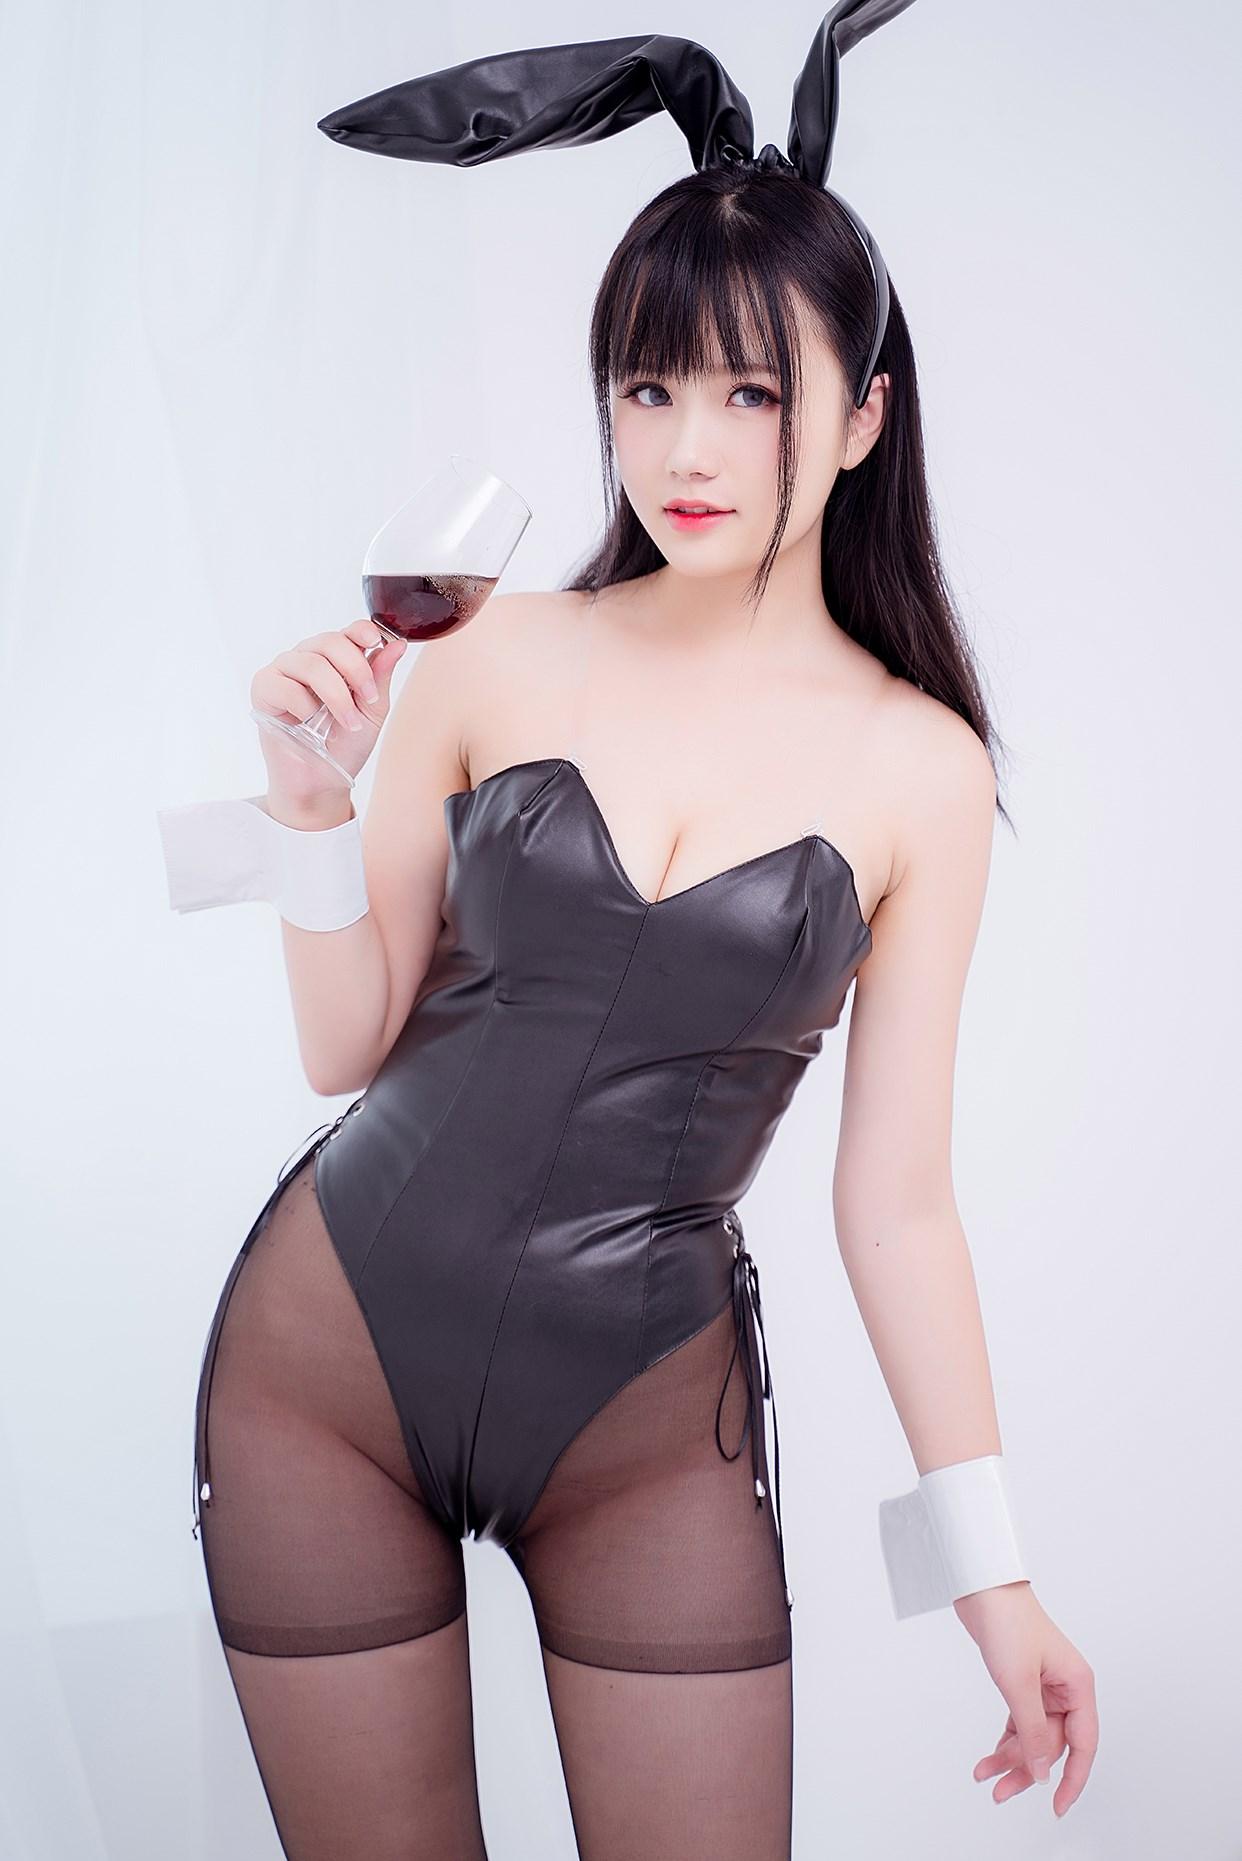 【兔玩映画】兔女郎vol.18-荼蘼 兔玩映画 第8张